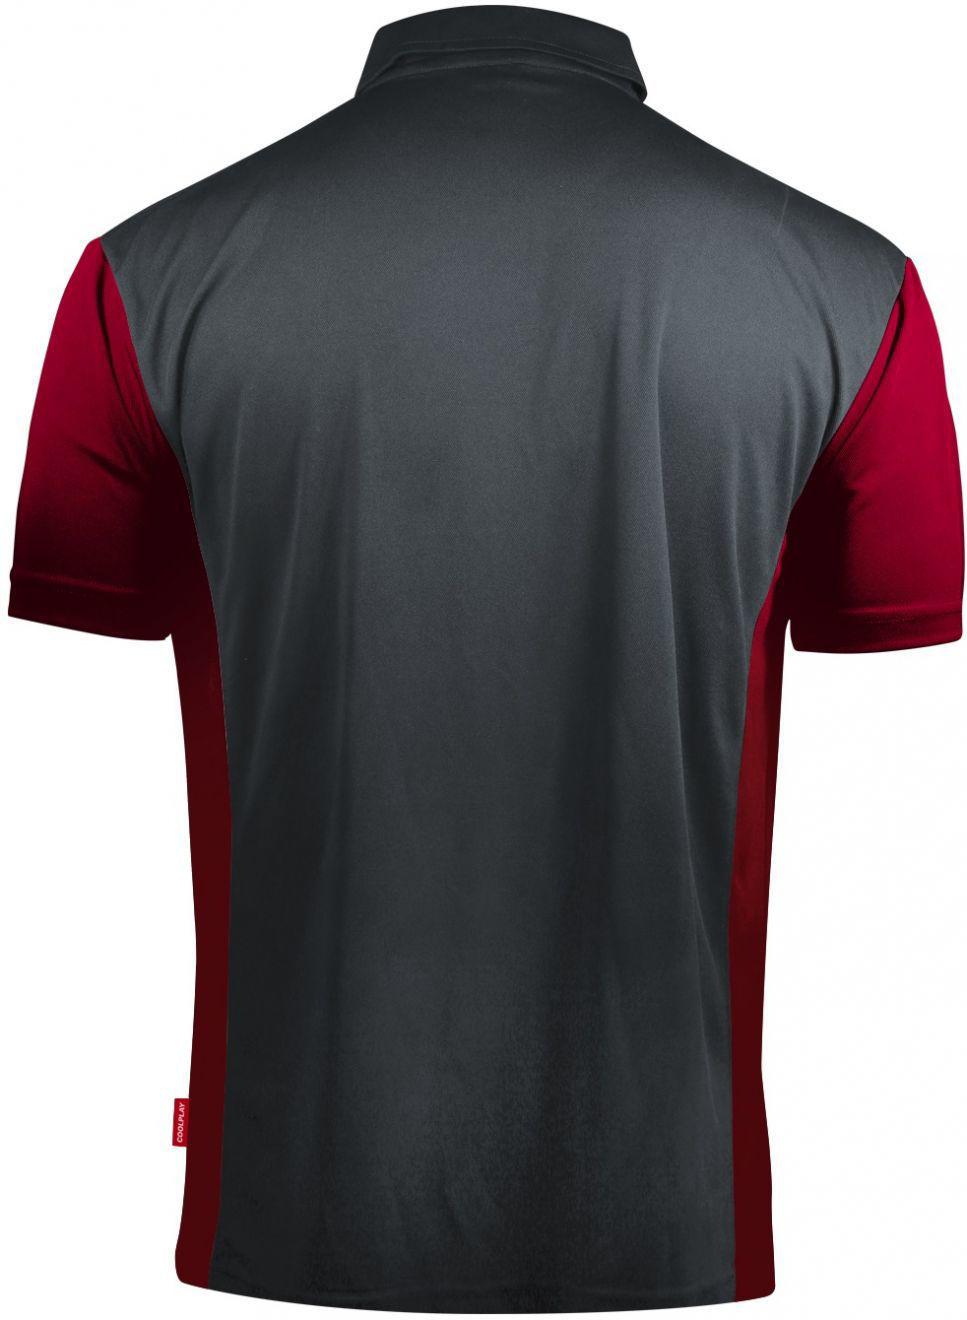 Afbeelding van Target Coolplay 3 Grey Ruby Red